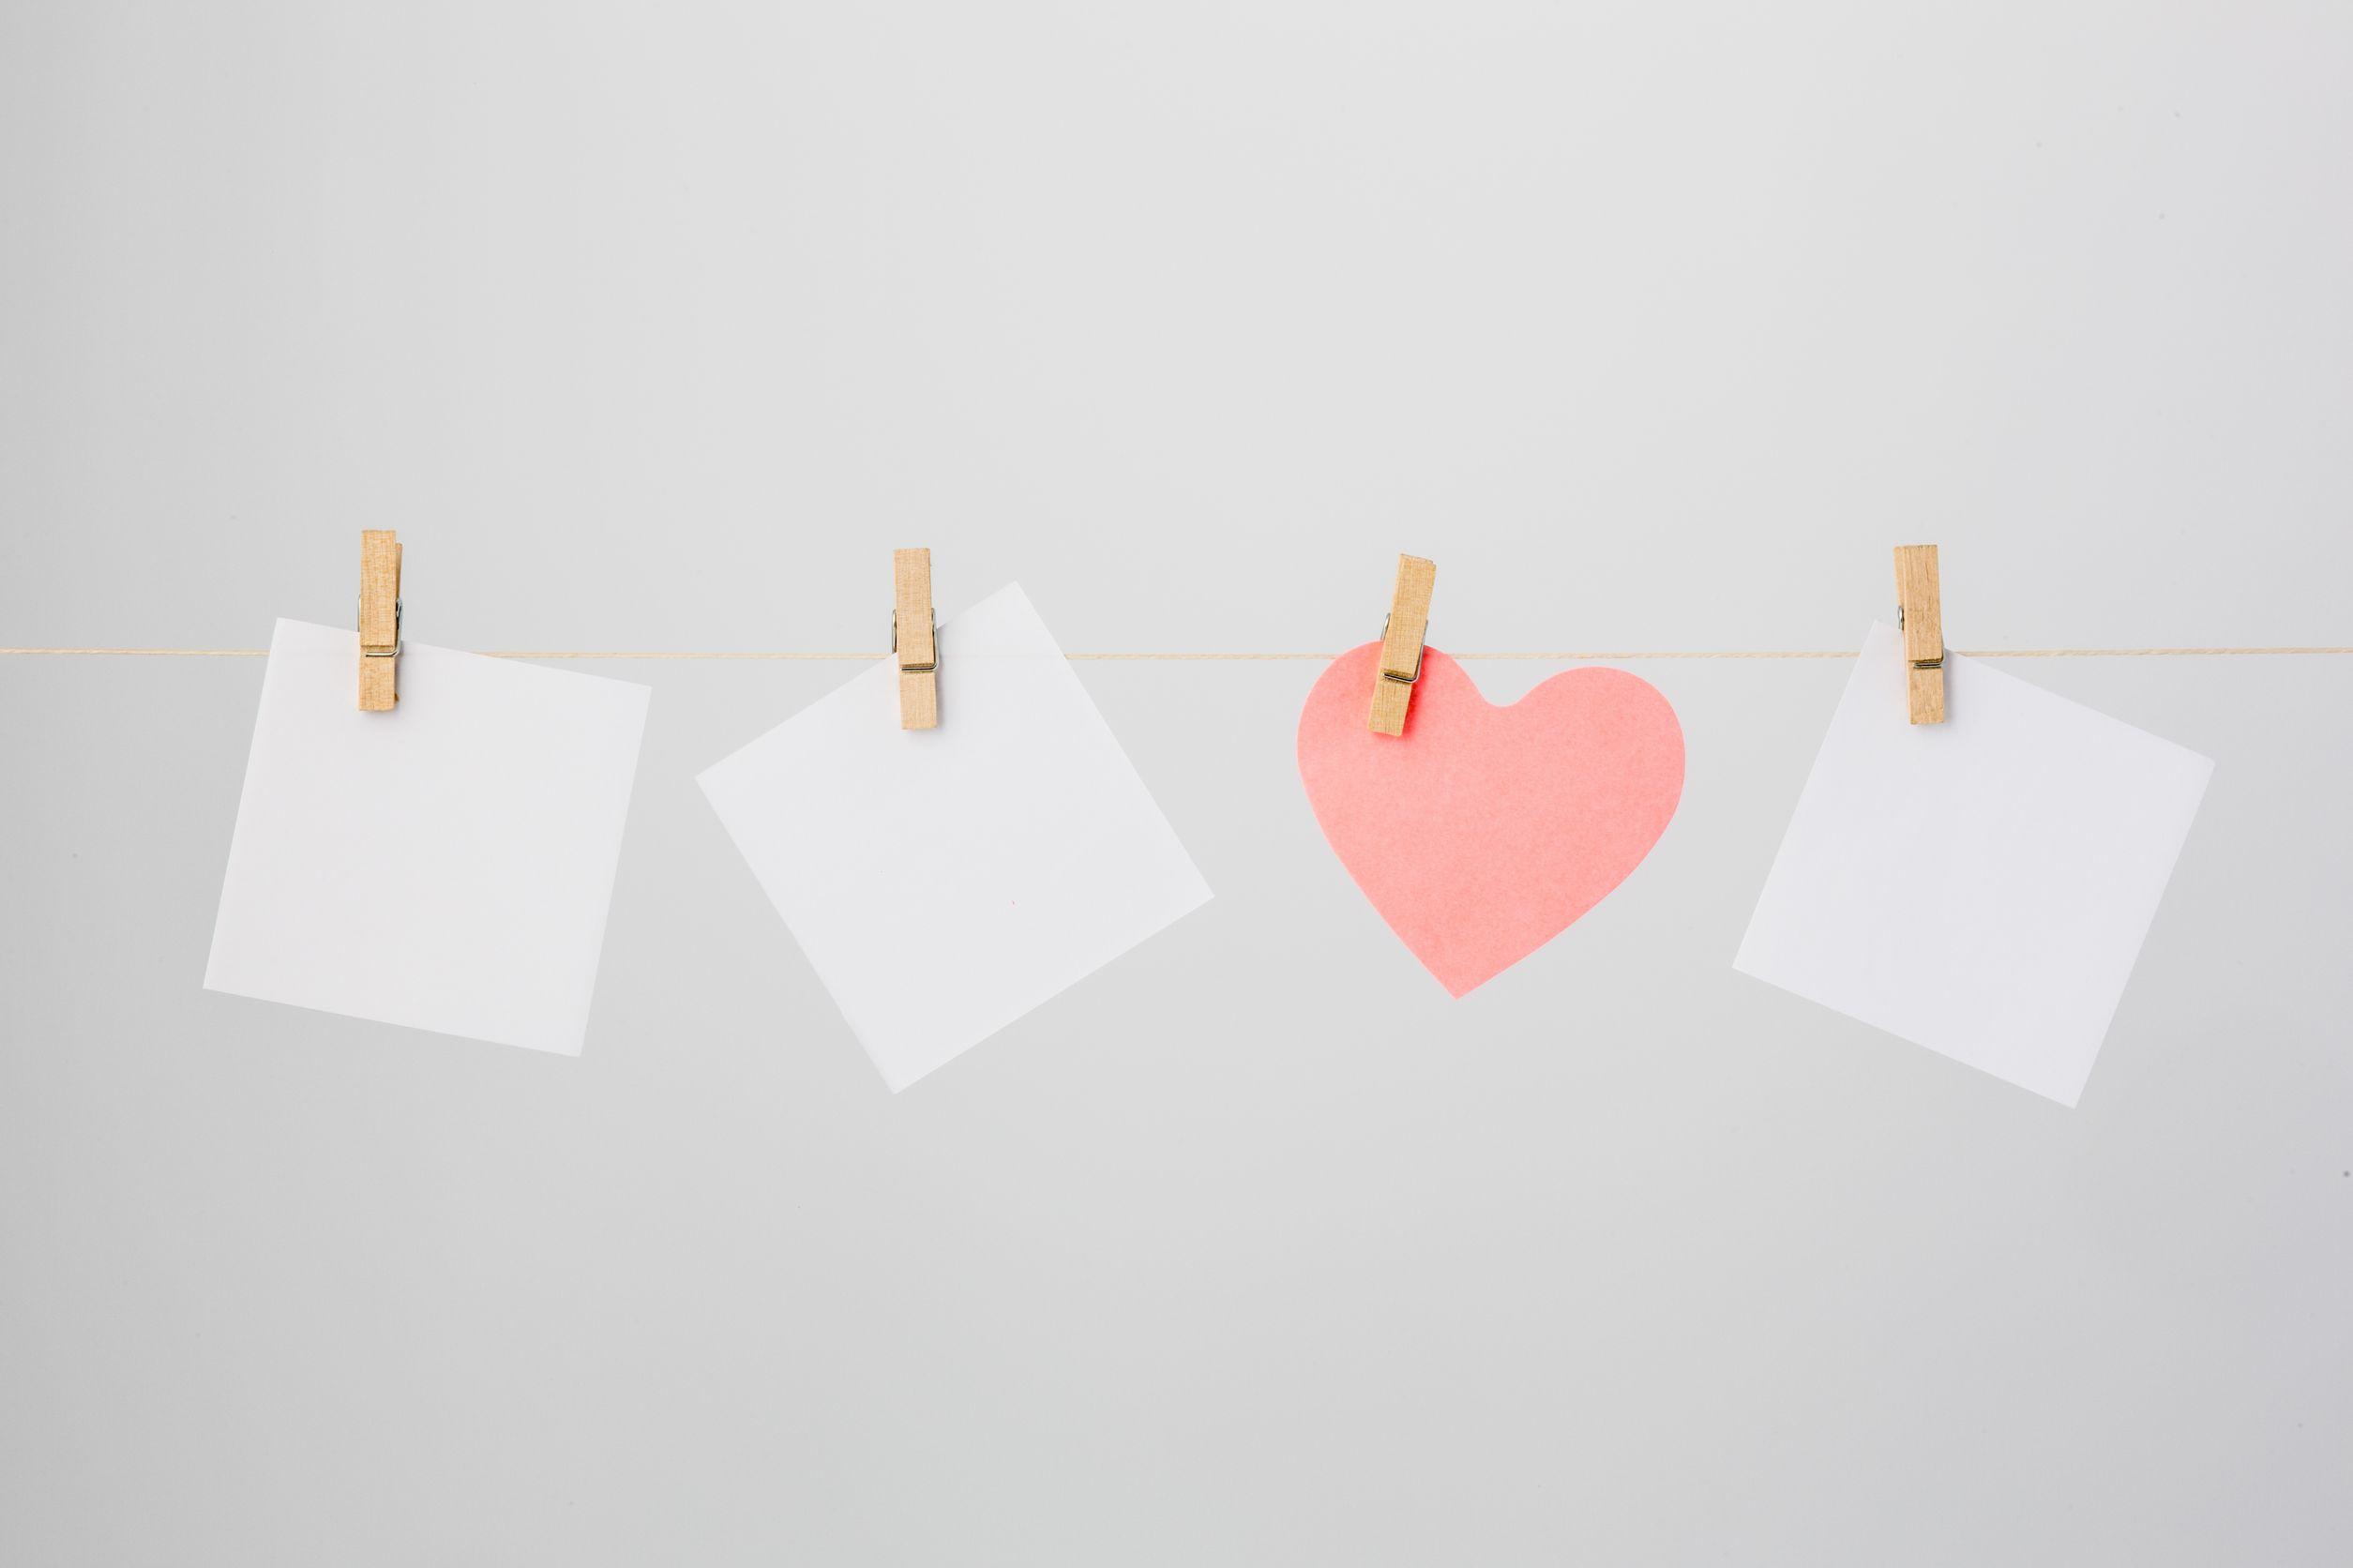 Faire des listes, la solution pour se sentir bien